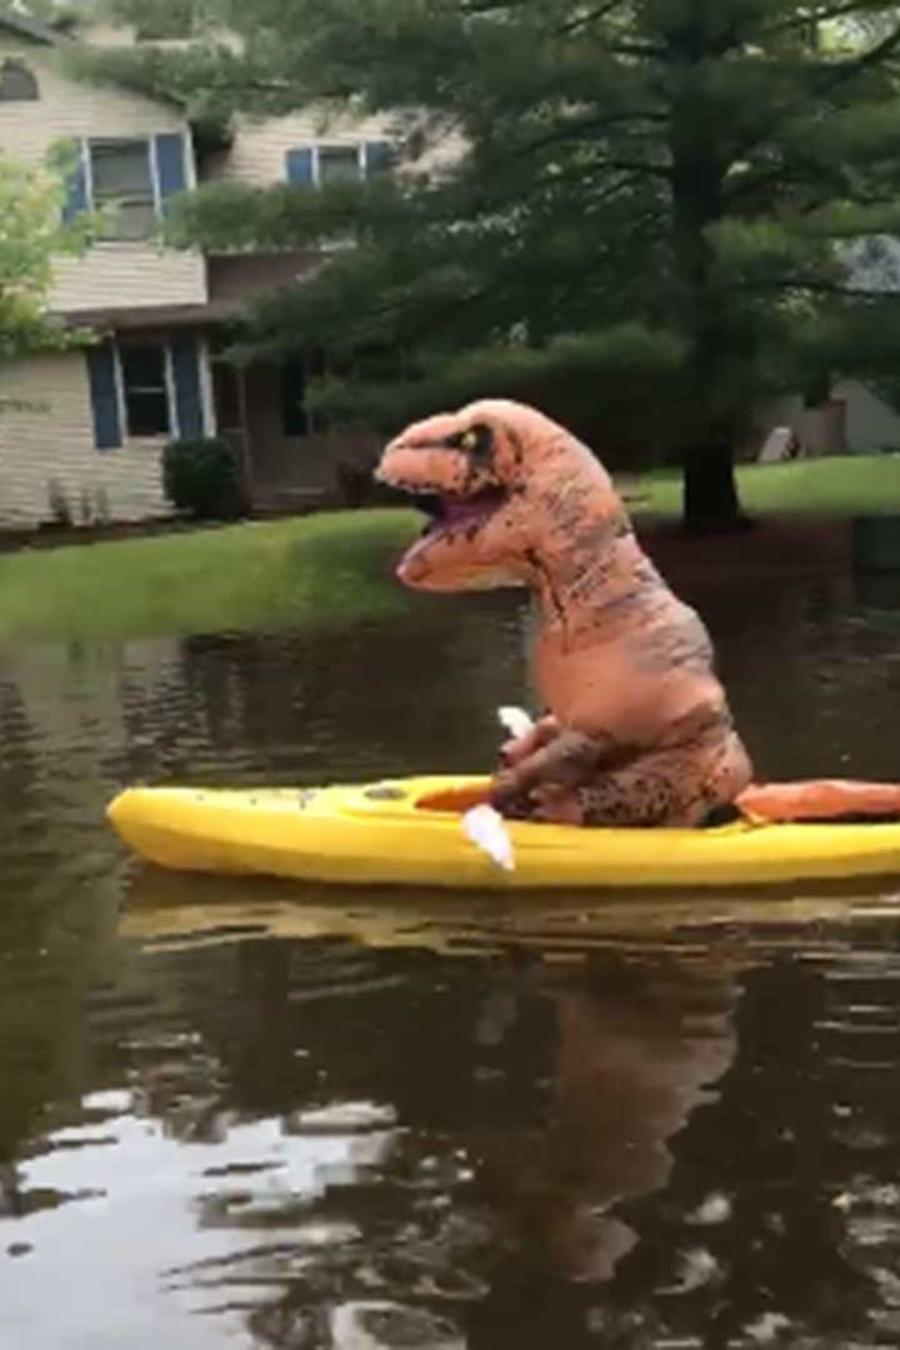 Una persona disfrazada de dinosaurio se pasea en kayak por las inundaciones causadas por el mal tiempo en Midland, Michigan